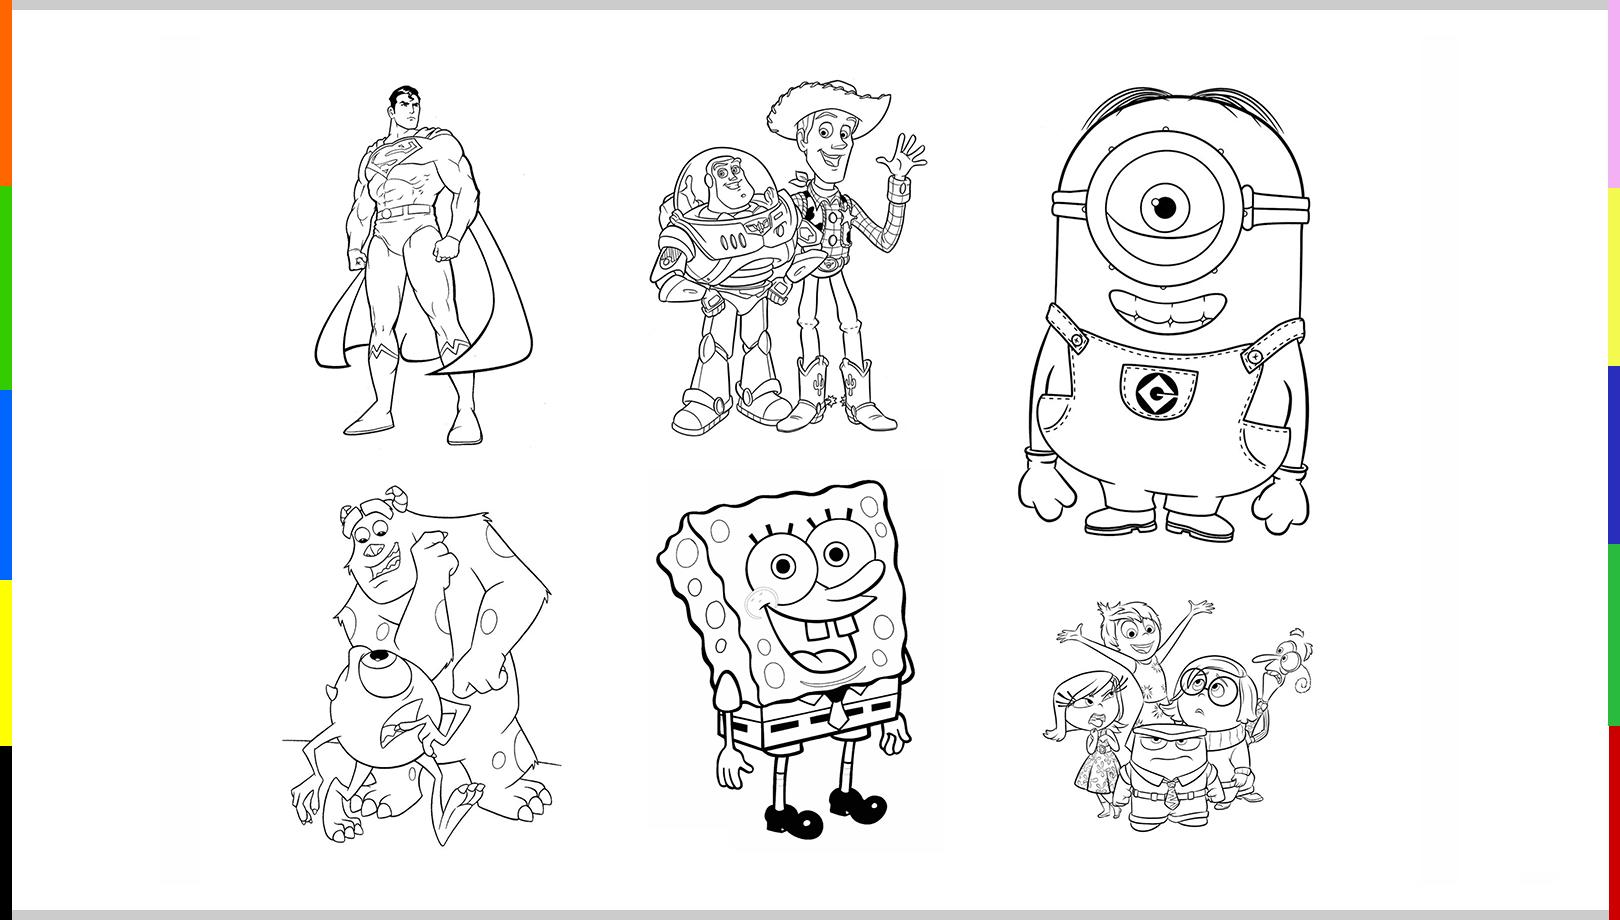 10 Dibujos Para Imprimir Y Colorear Dibujos Para Imprimir Imprimir Sobres Dibujos